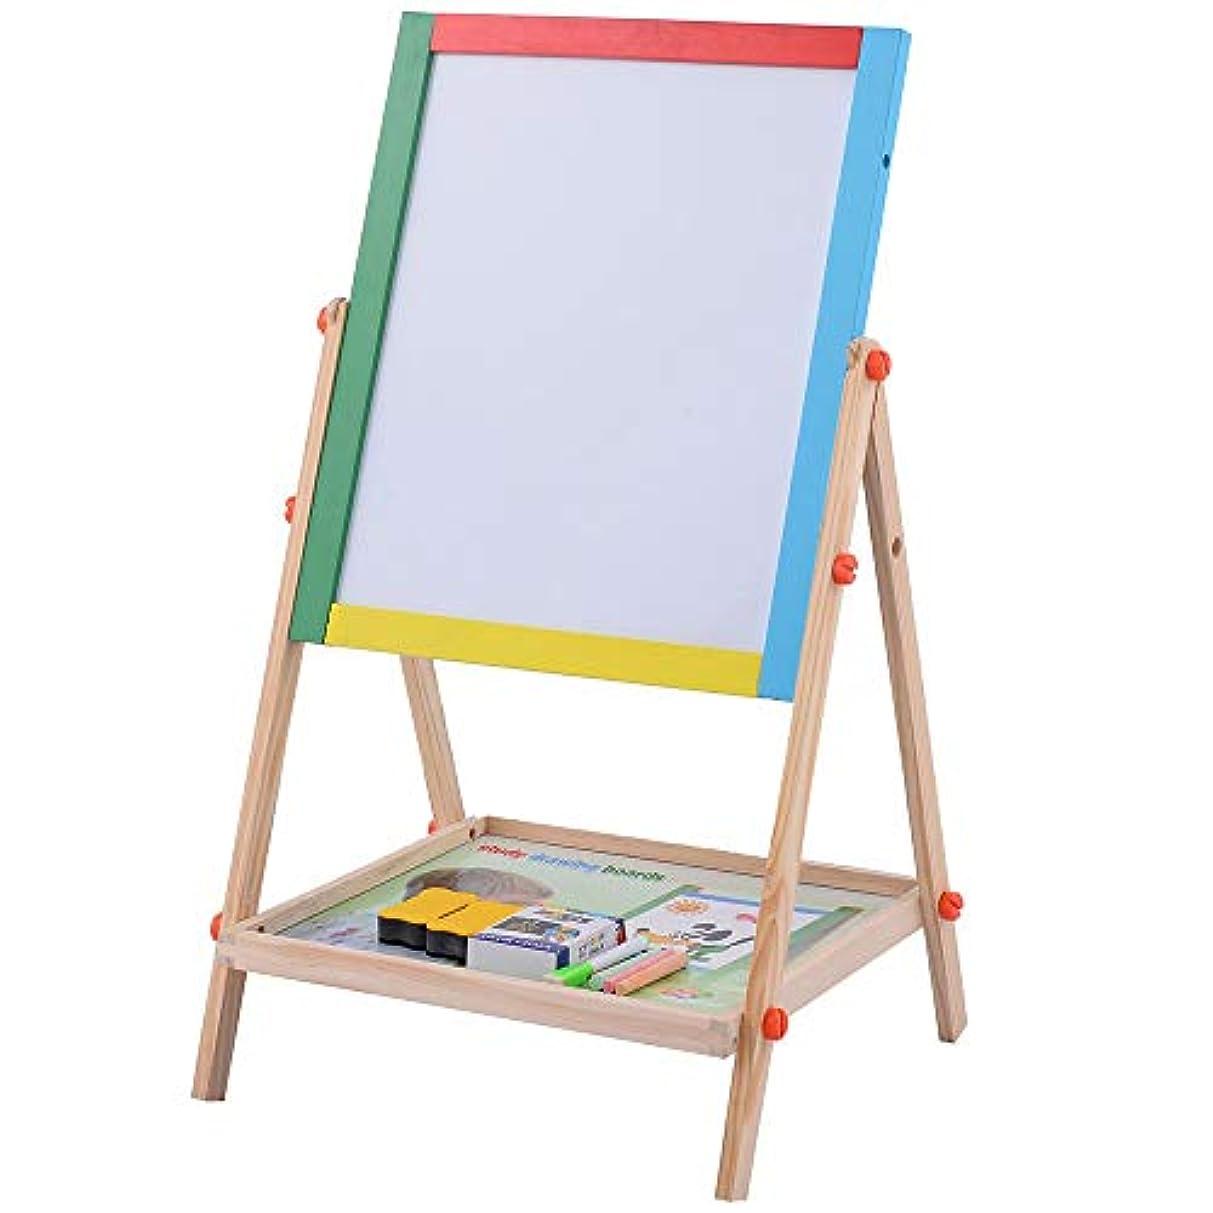 両面調整可能な黒板ライティングボード誕生日プレゼント落書きボード絵画ボード